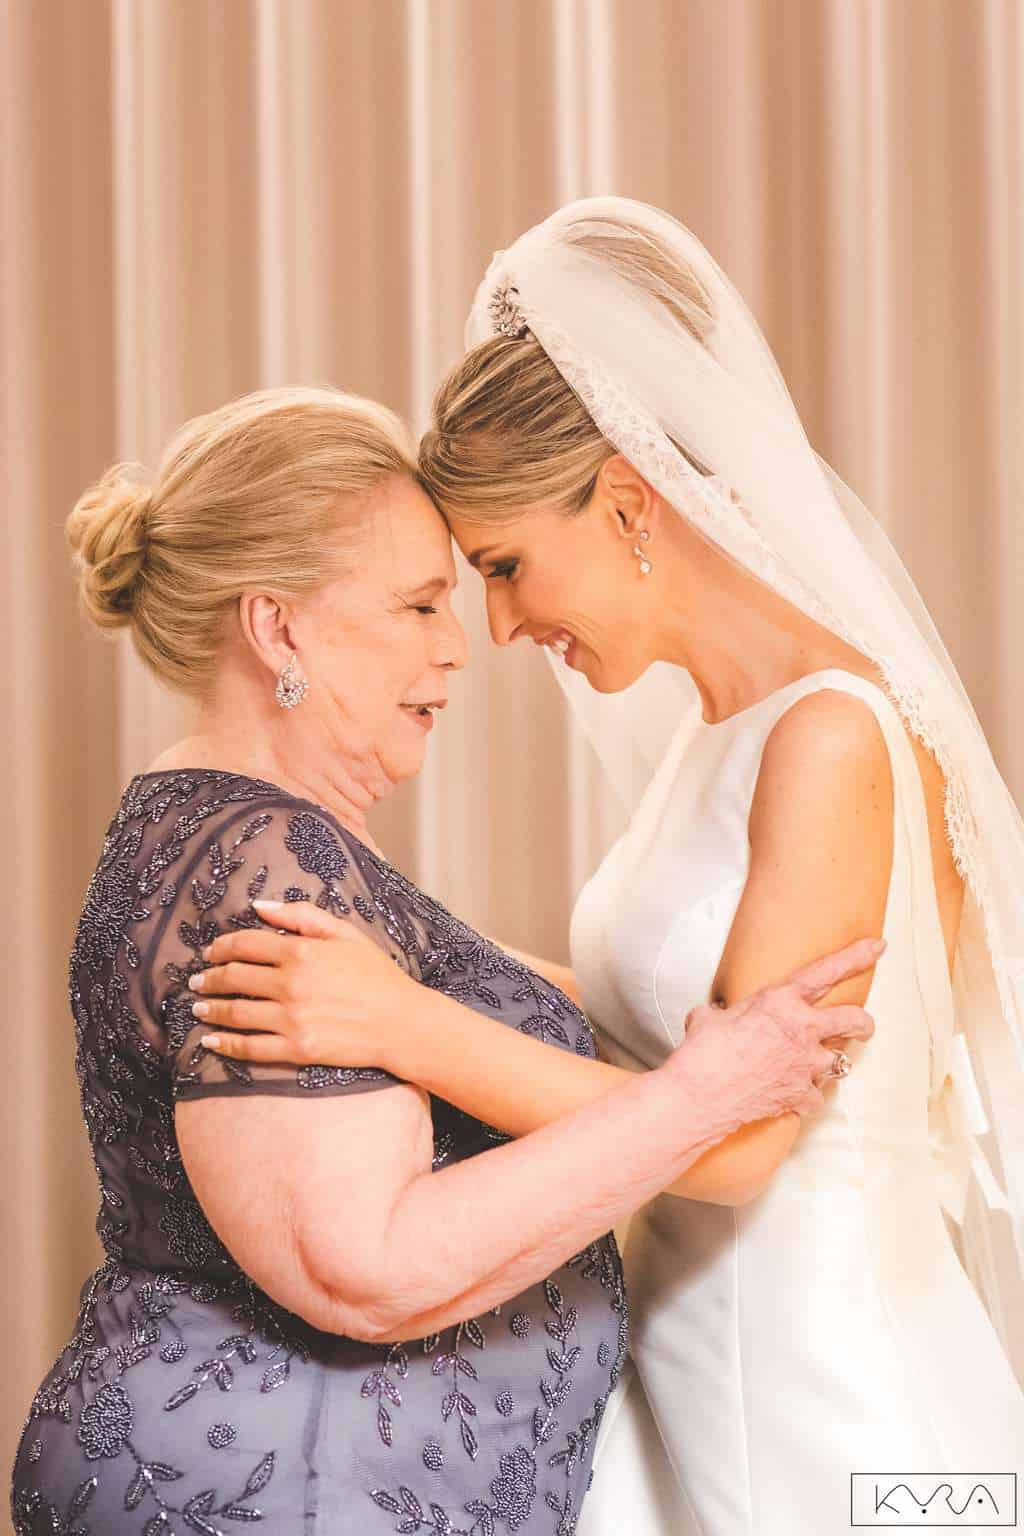 ana-carolina-e-bernardo-Anna-Carolina-Werneck-beleza-da-noiva-casamento-tradicional-Gavea-Golf-Club-Kyra-Mirsky-mães-making-of-mini-wedding-noiva-verde-e-rosa-casamento-47